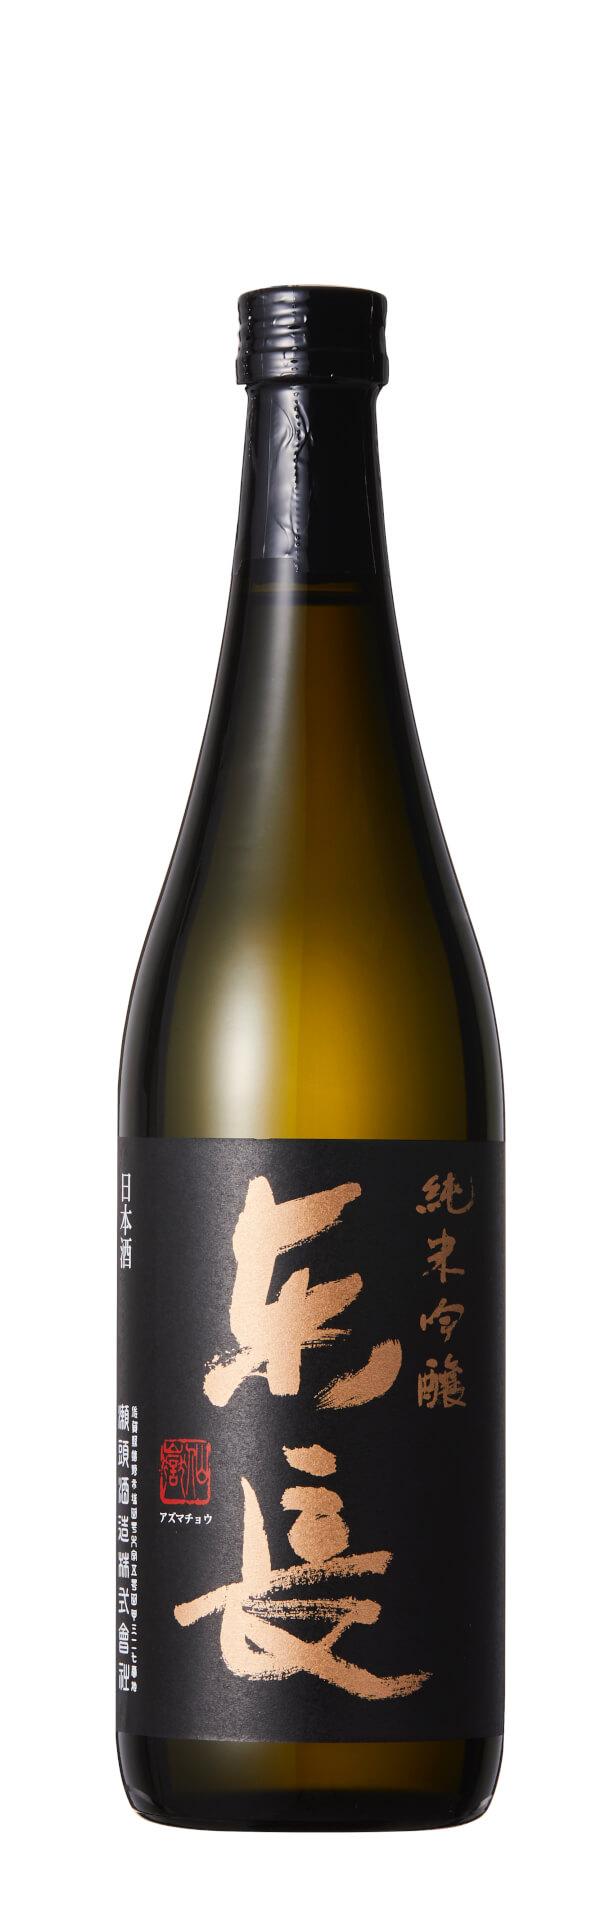 佐賀県×atmosのコラボコレクション『SAGA SAKE COLLECTION』が販売決定!オリジナルグッズや限定ラベルの日本酒なども culture2020917-atoms11